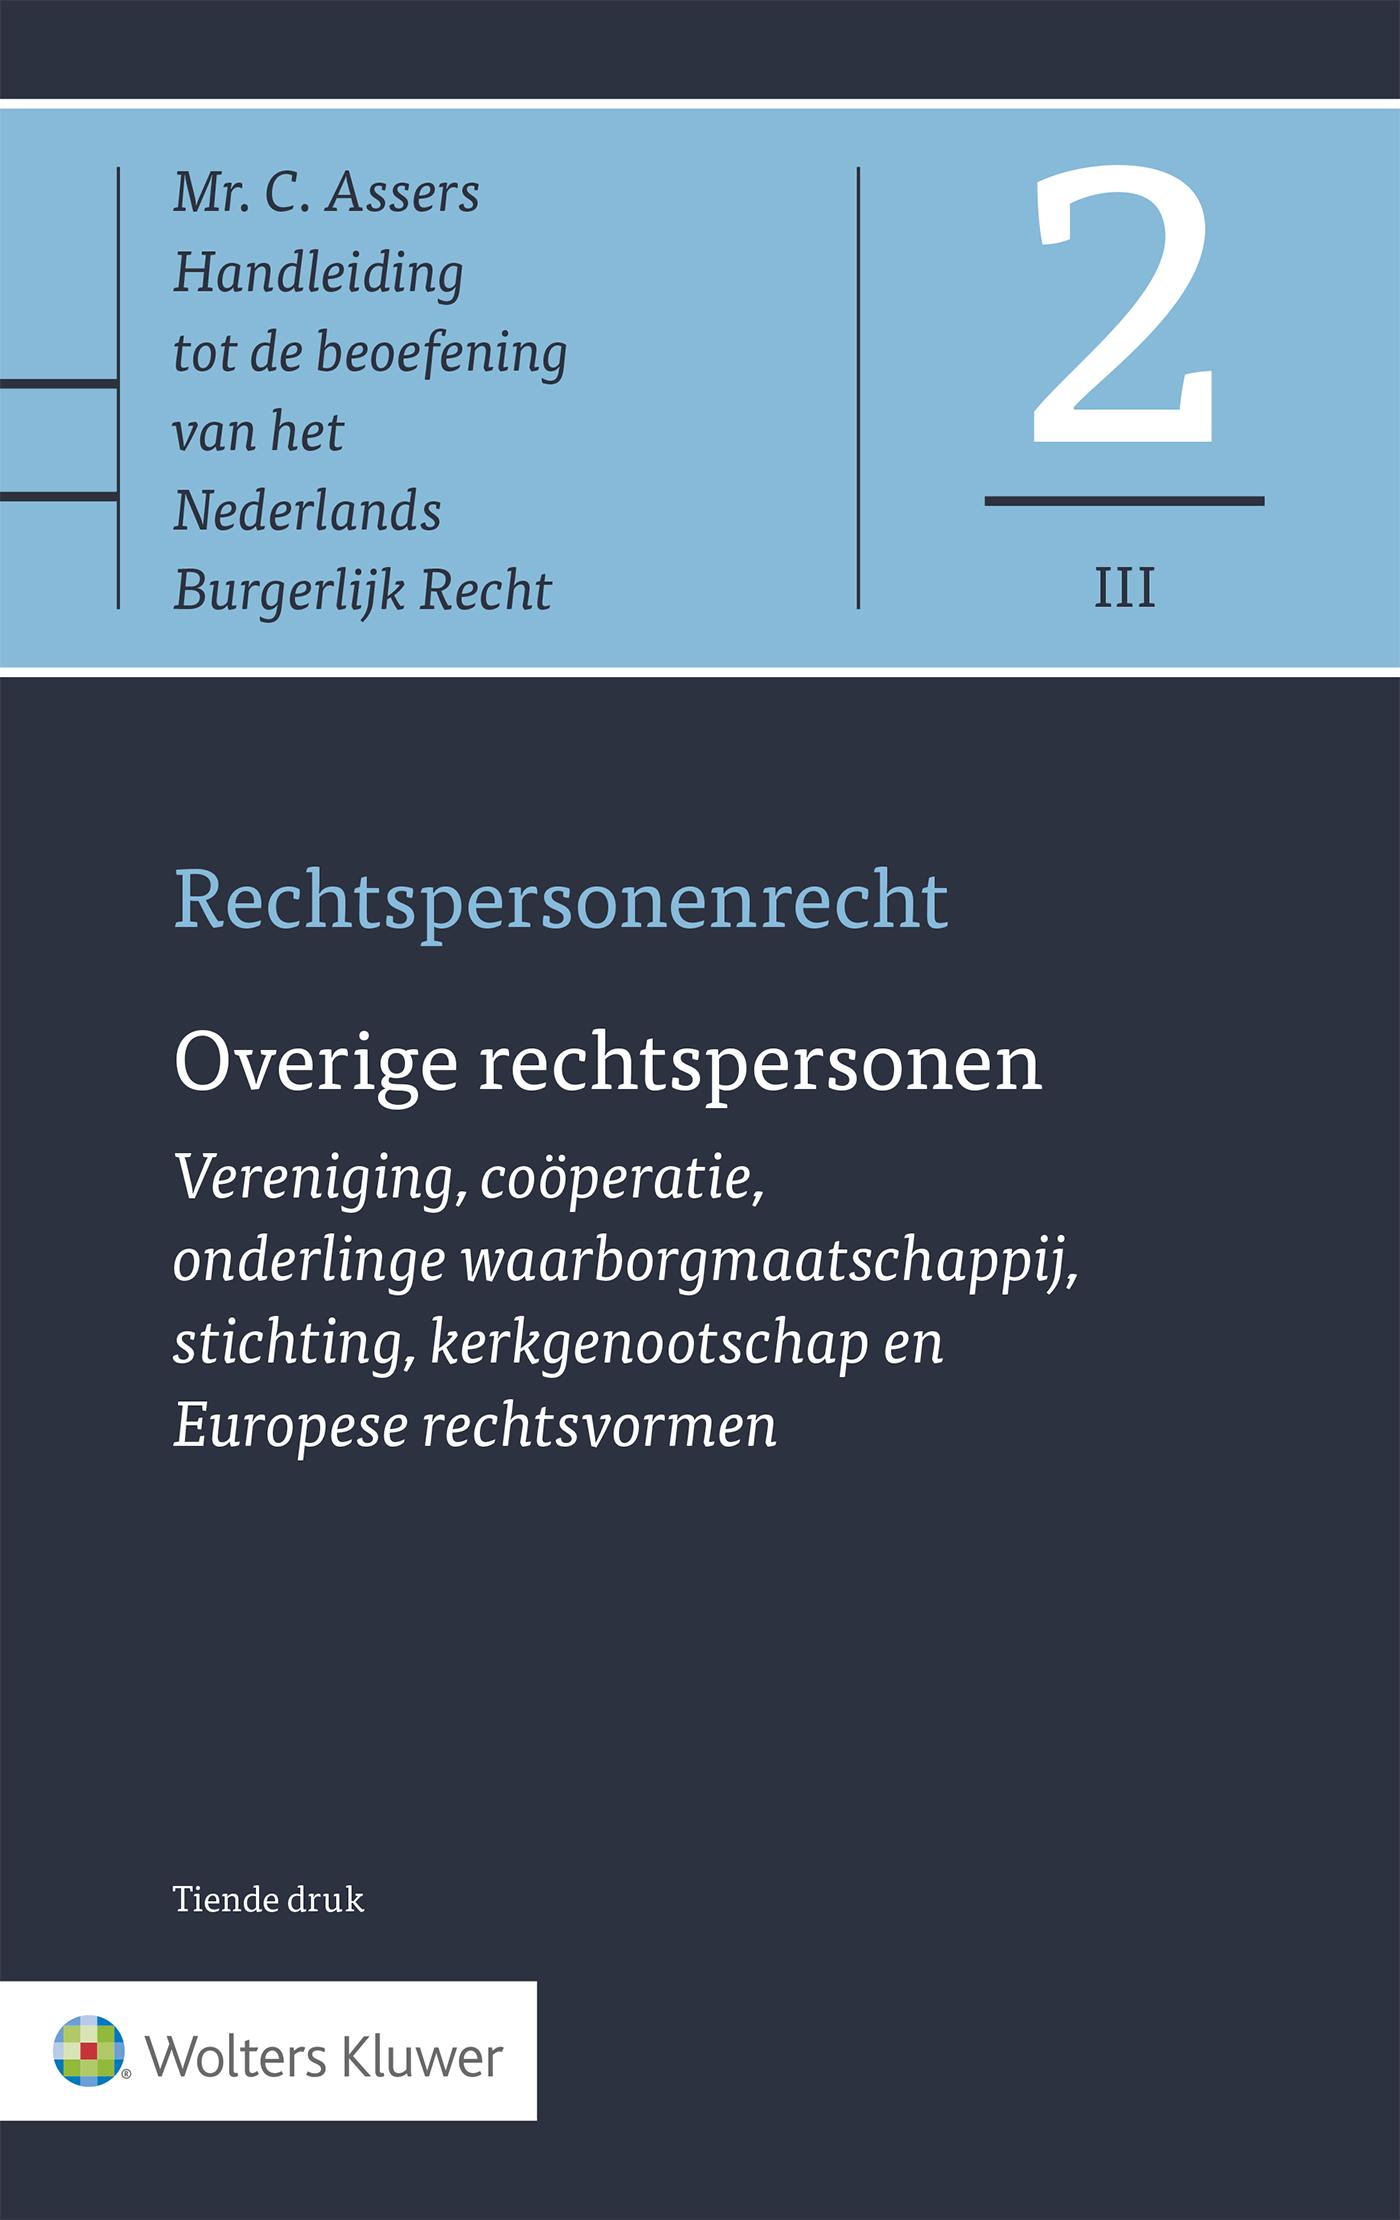 Asser 2-III Rechtspersonenrecht - Overige rechtspersonen